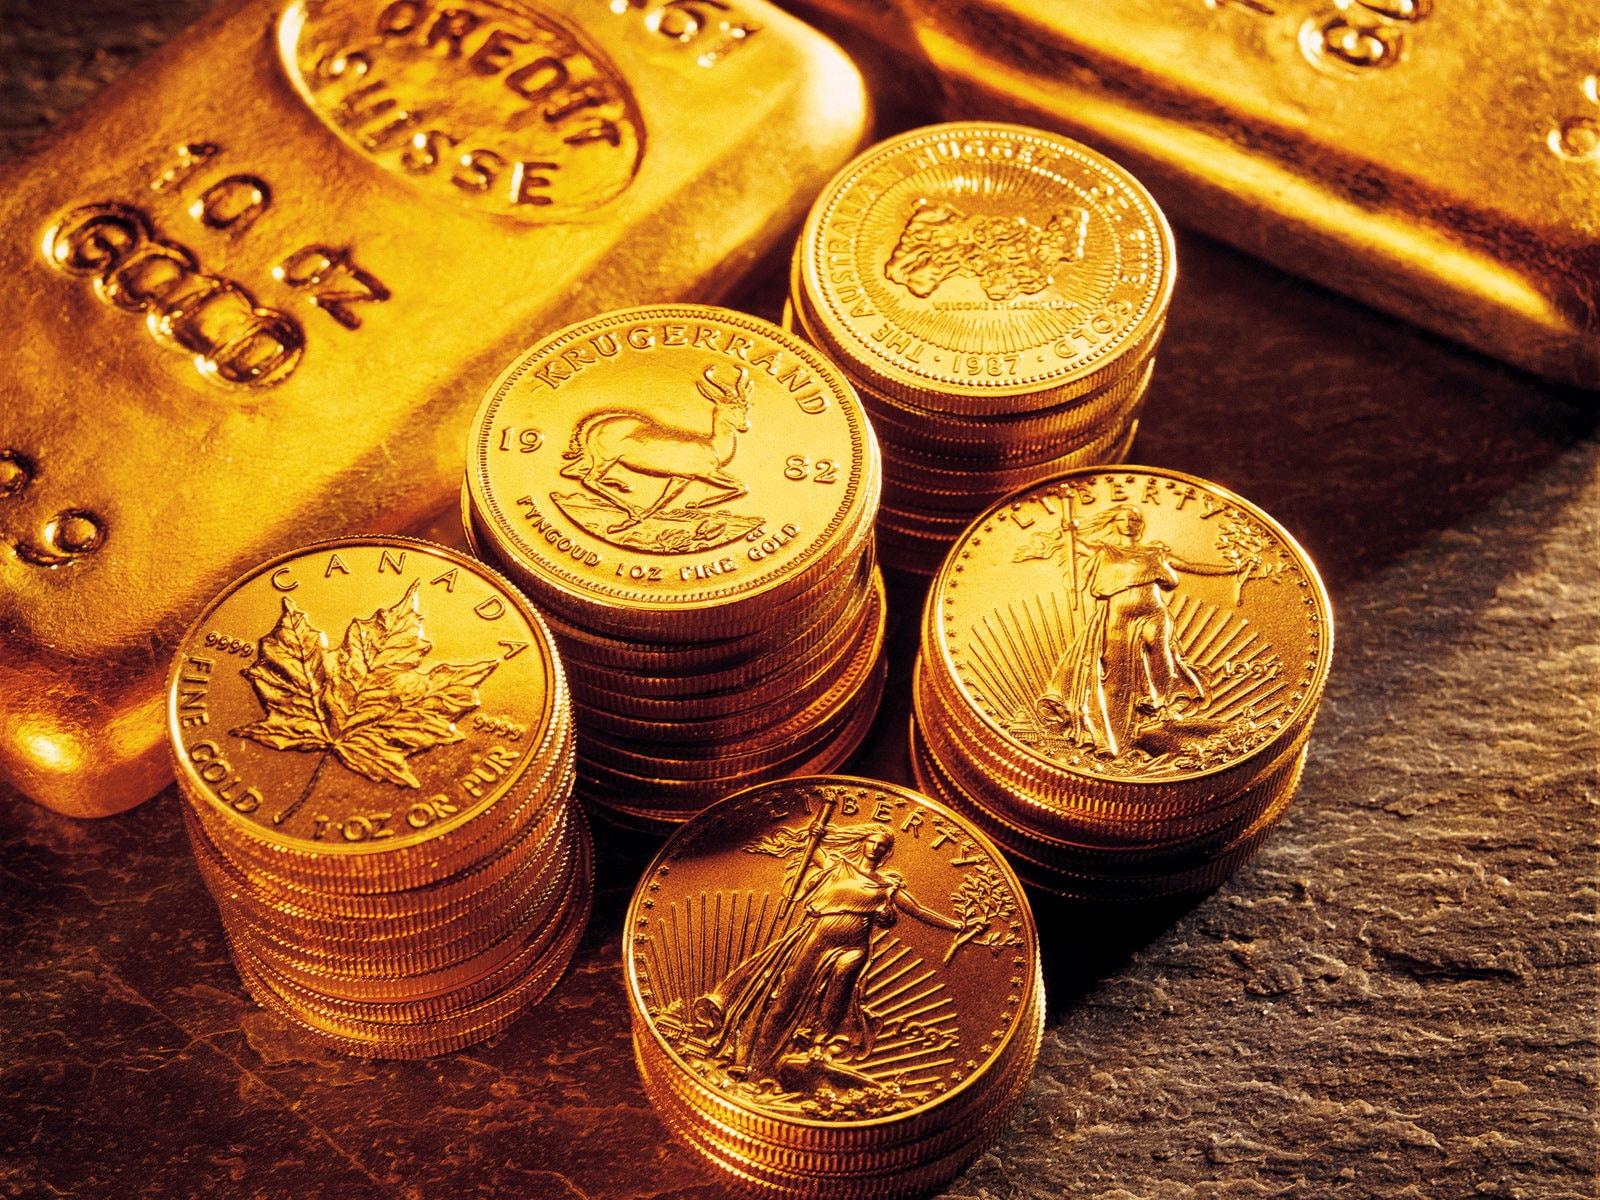 Ce trader anticipe un mouvement important des métaux précieux d'ici le 21 avril